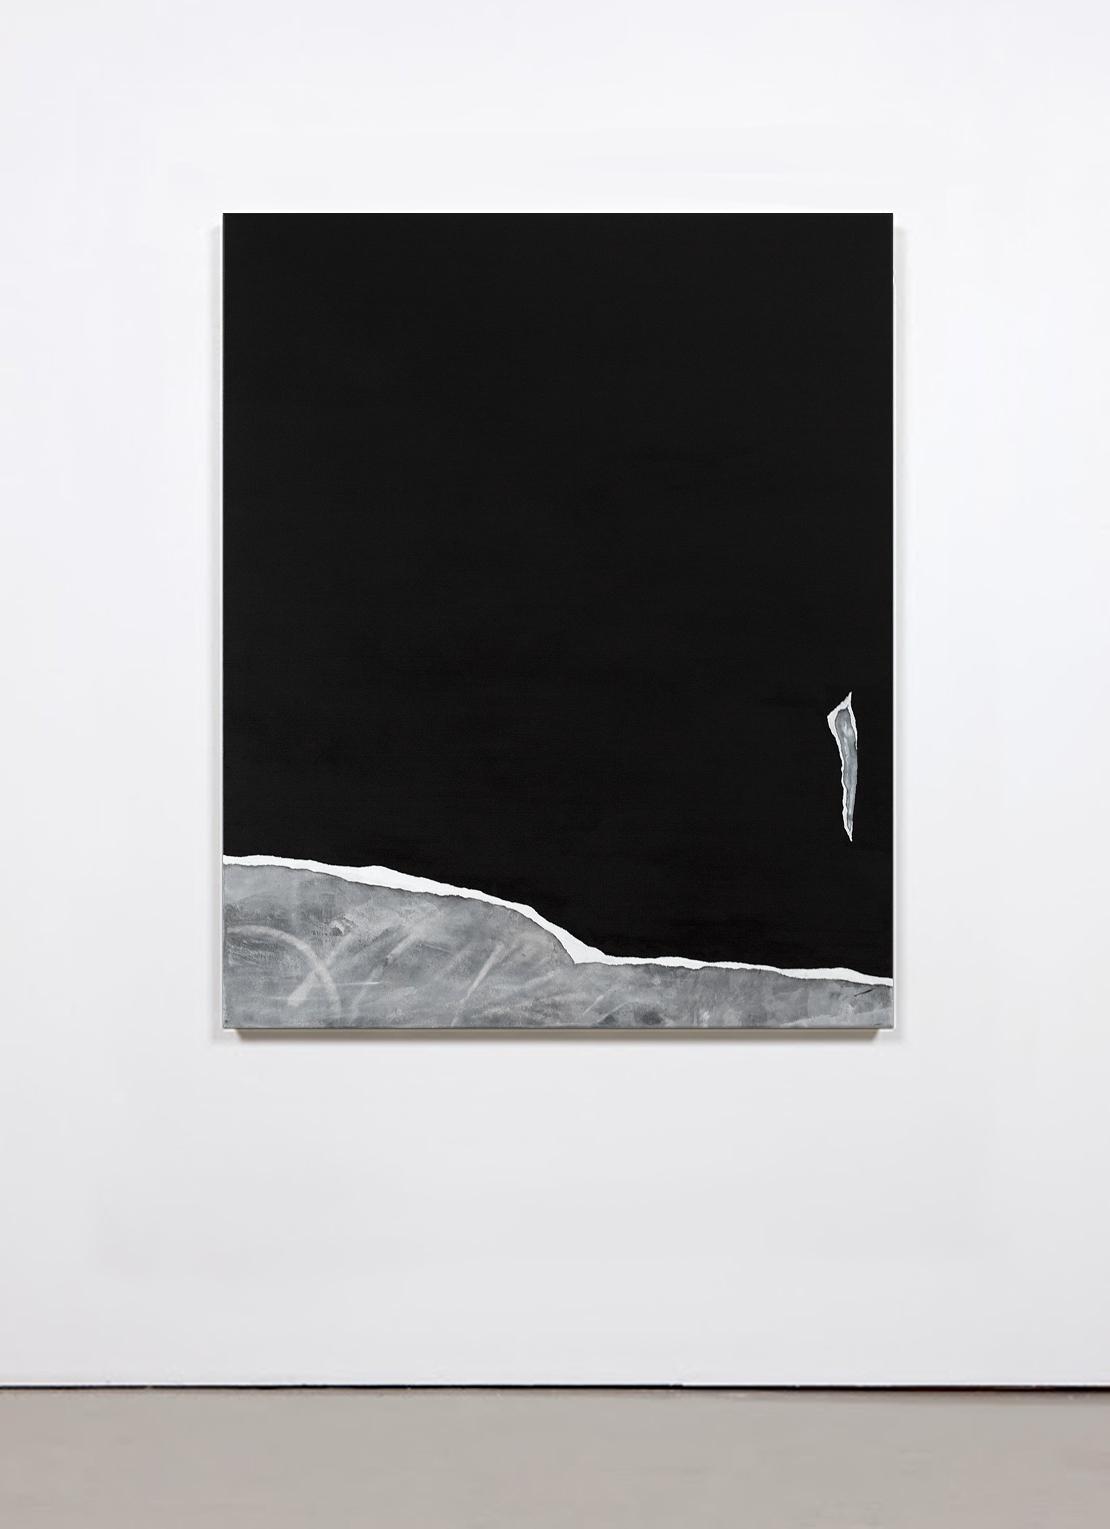 Four seasons #3  , 2014   Oil on canvas, 100 x 80 cm